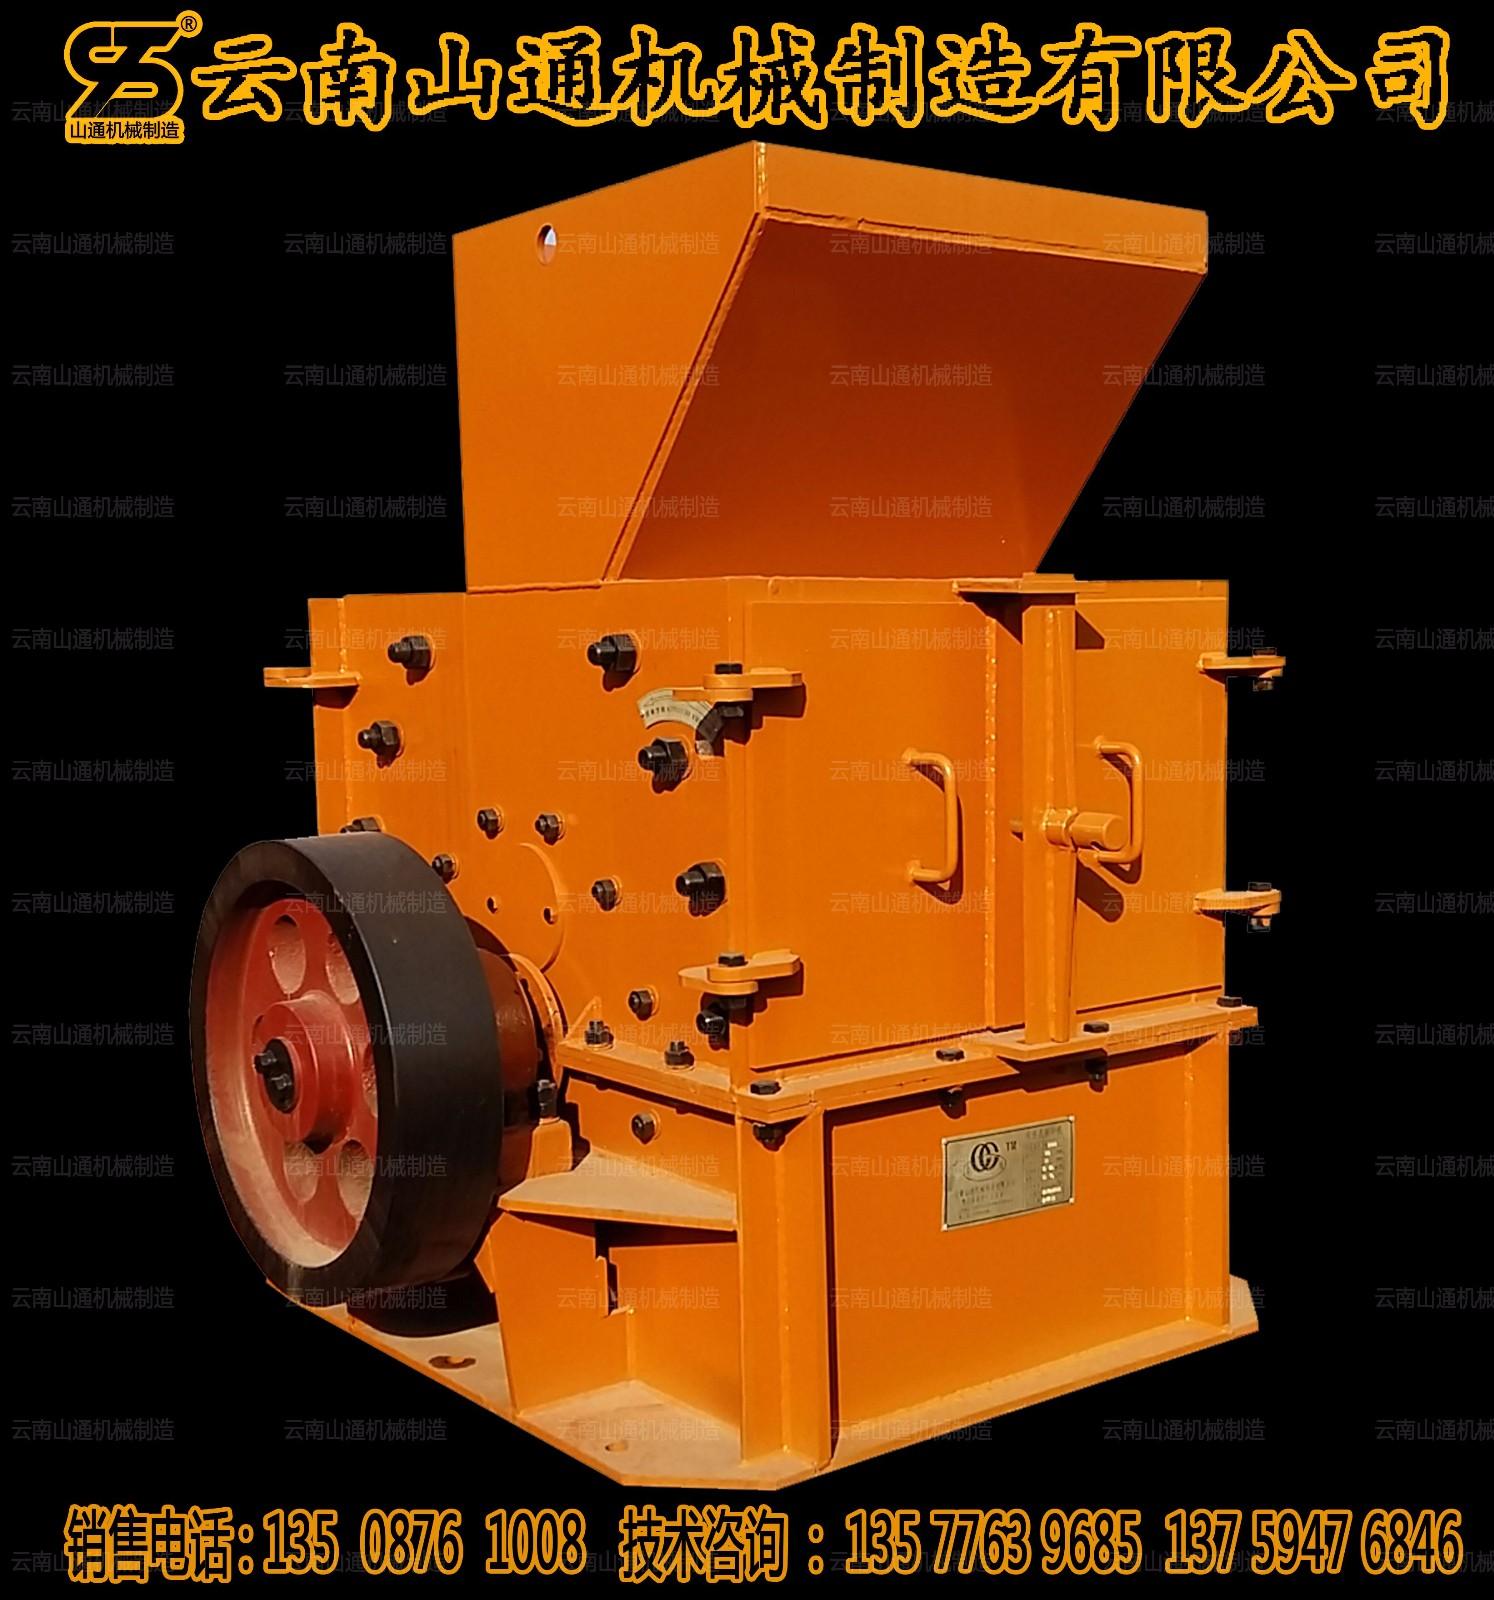 F可逆式制砂机PCK8080.jpg